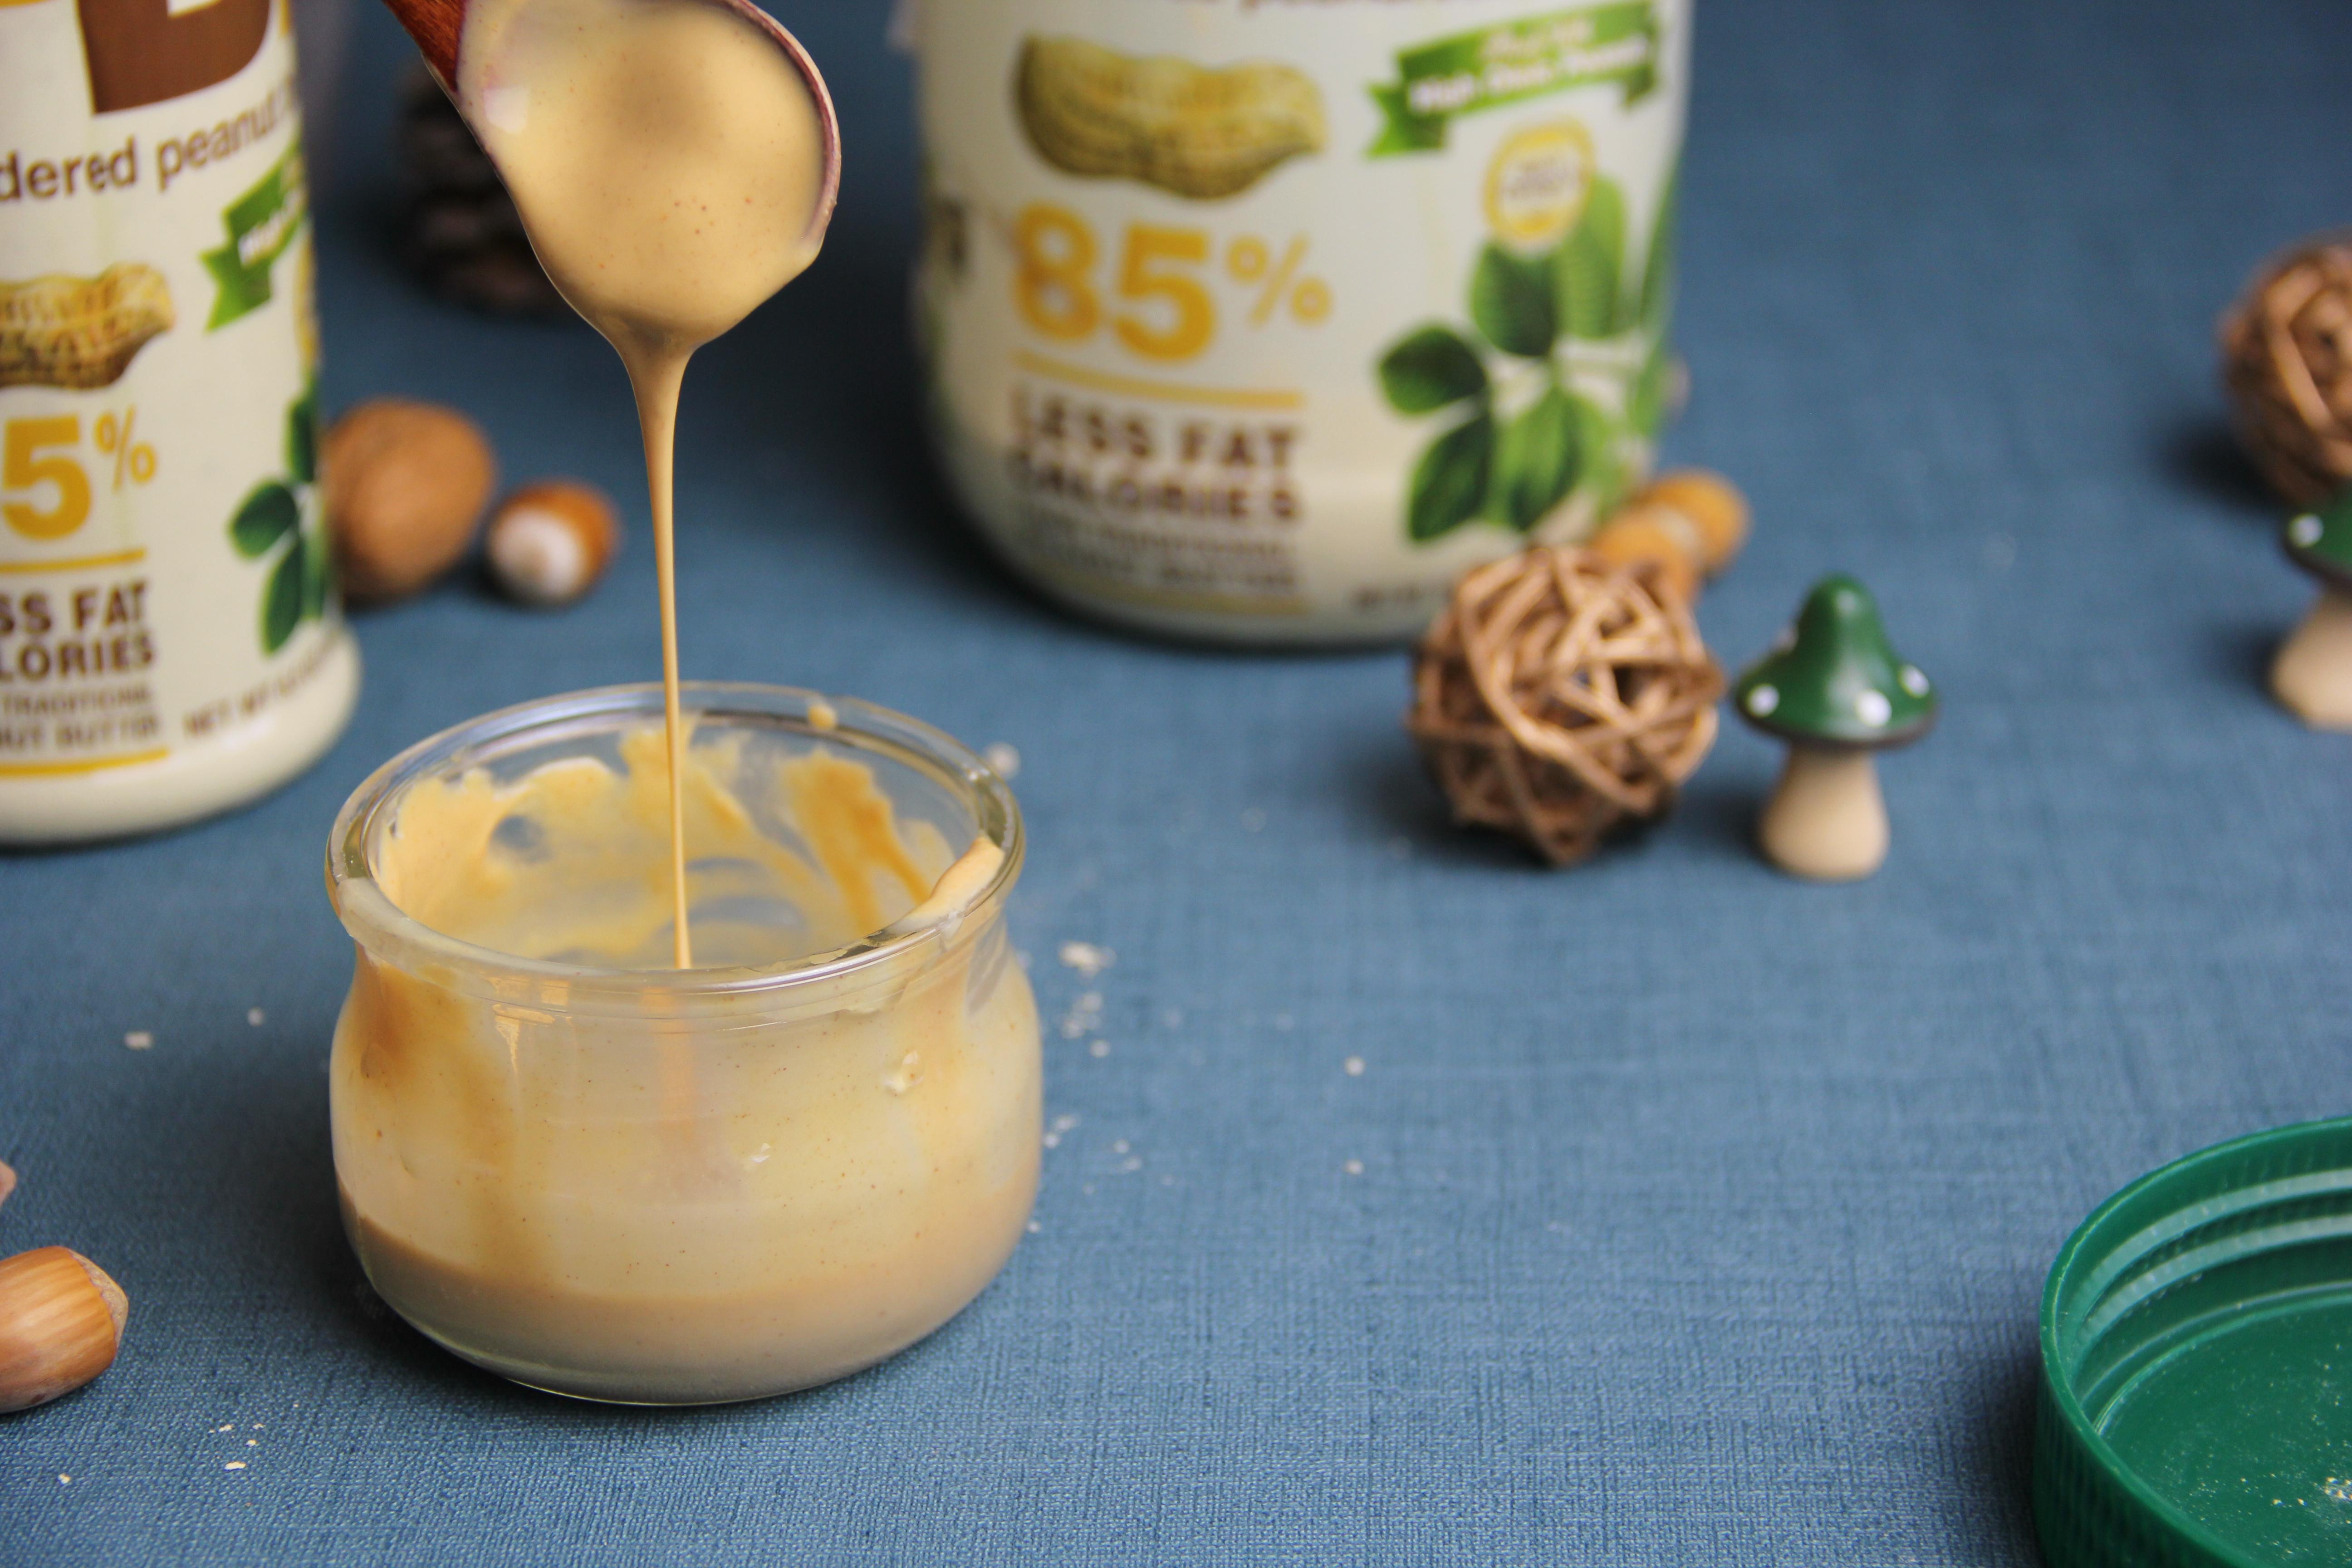 Beurre de cacahuètes PB2 fluide